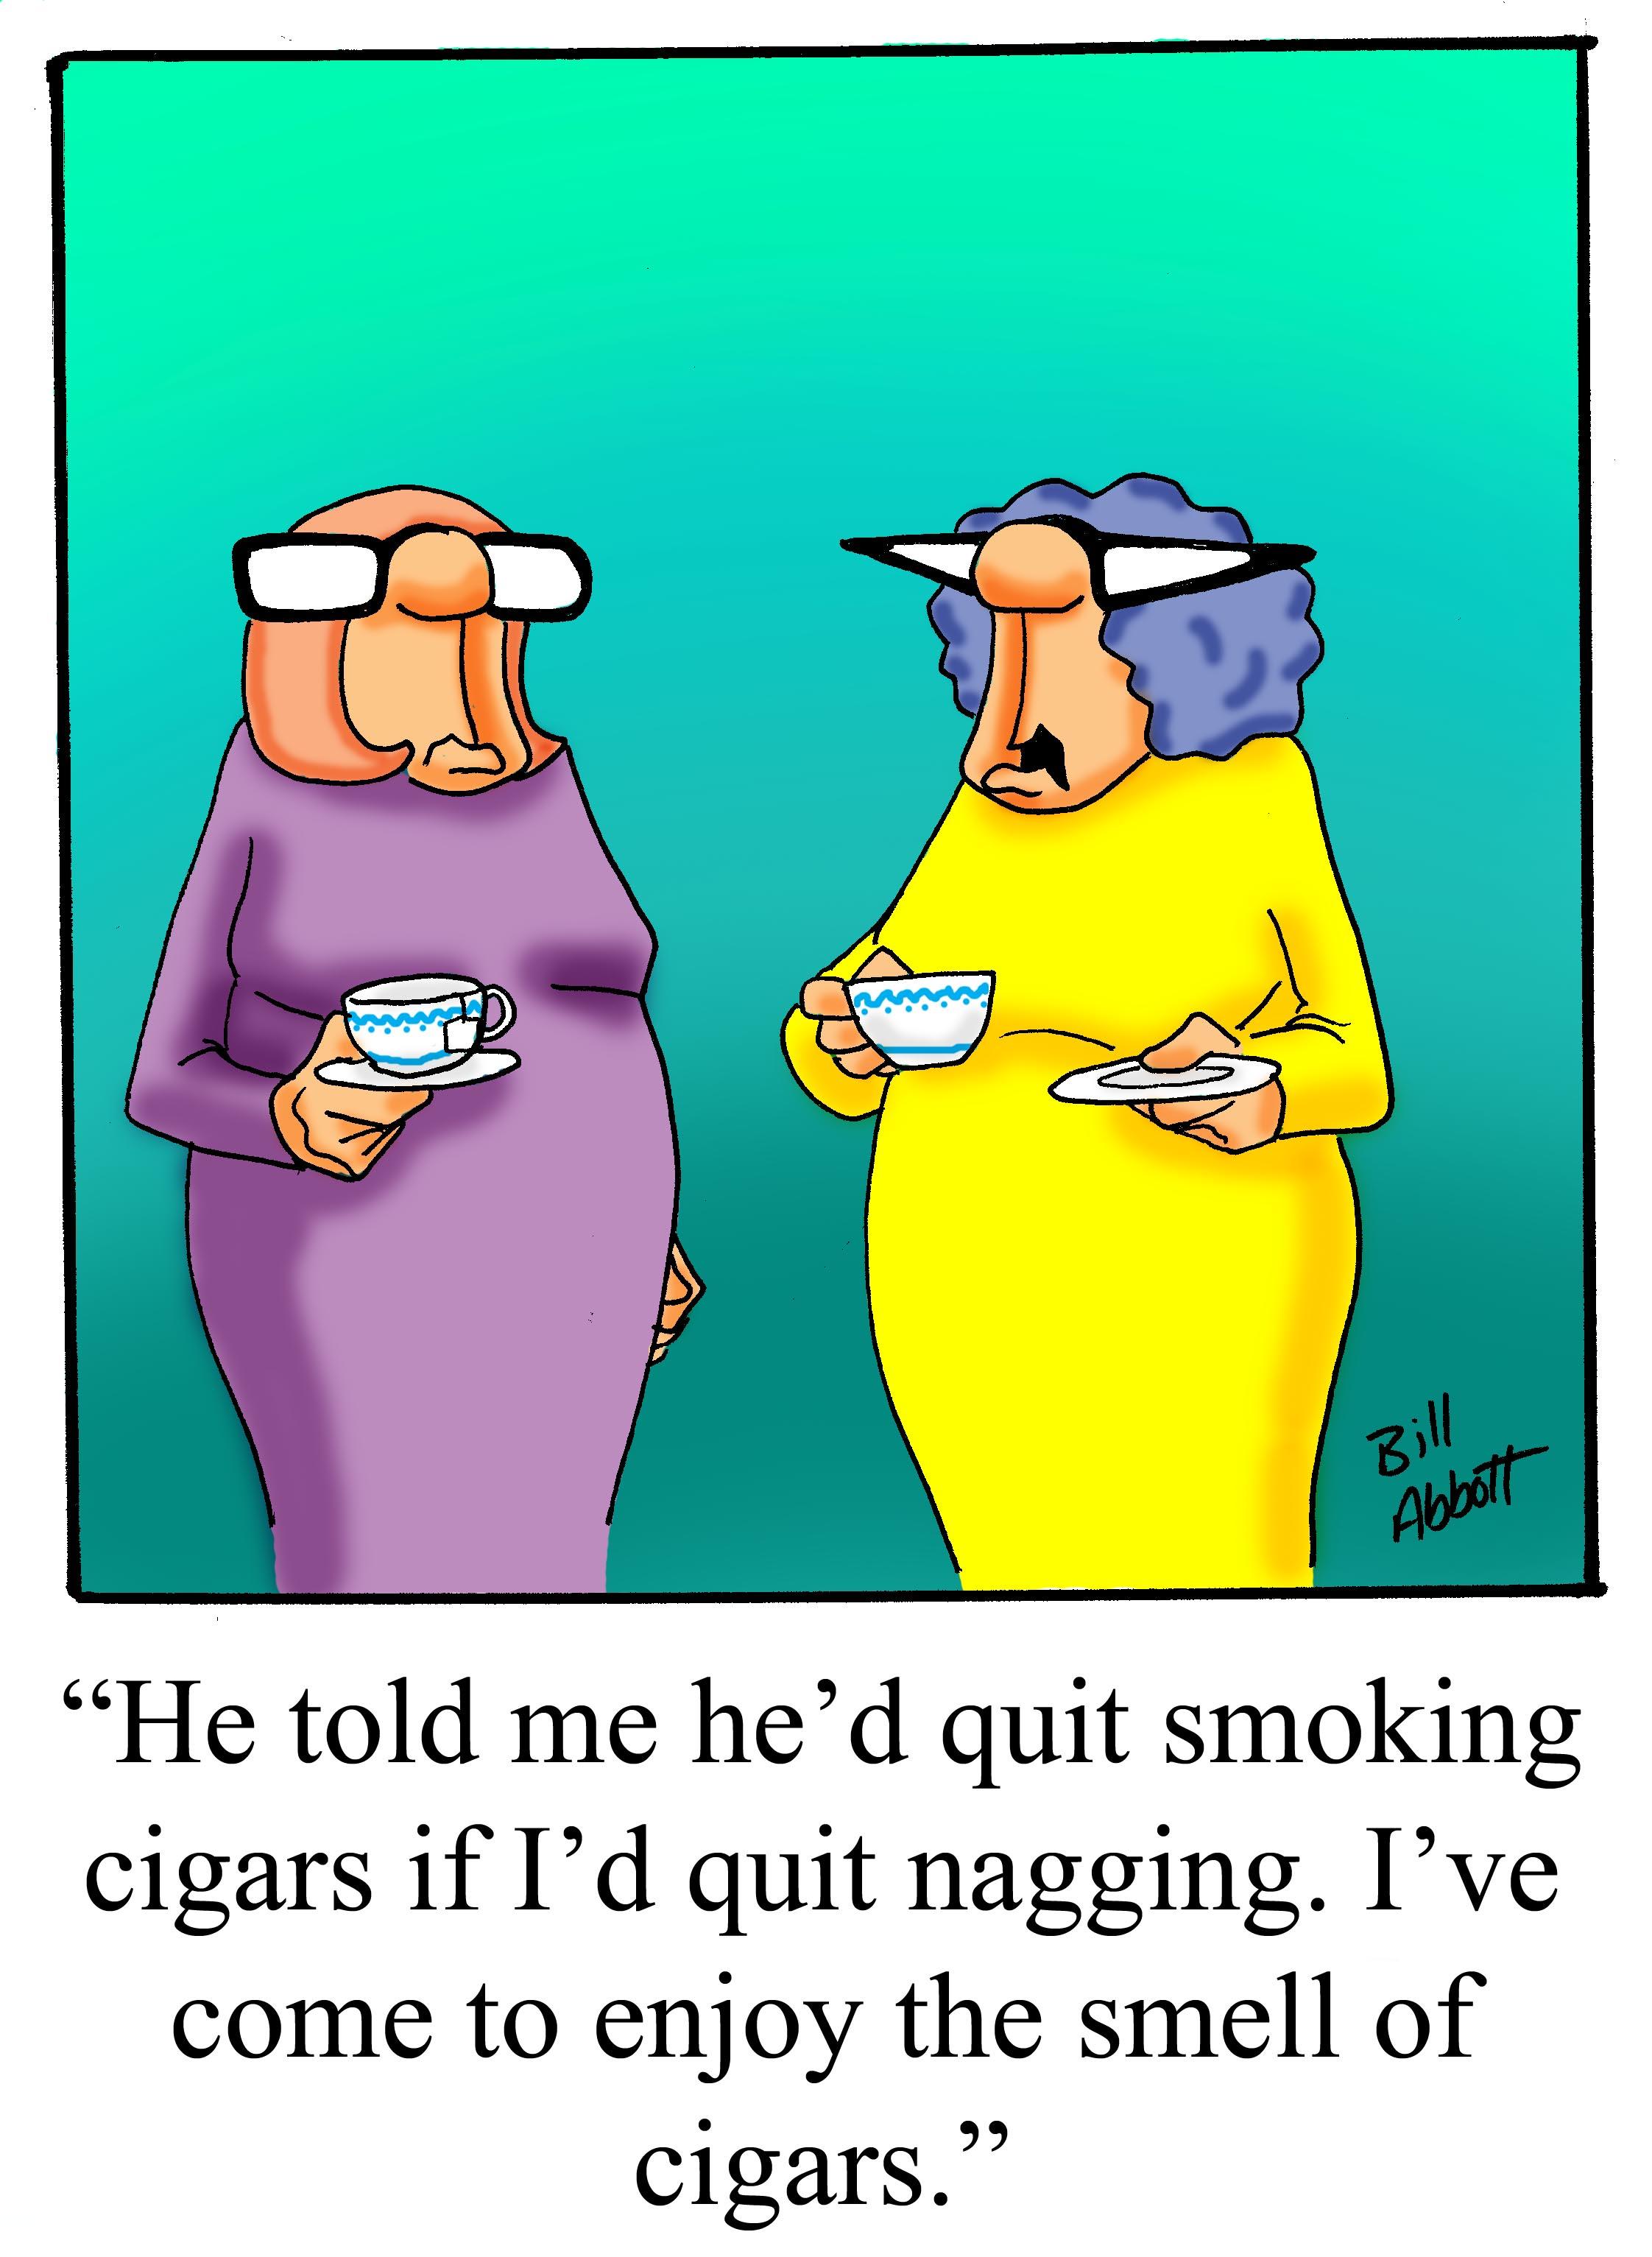 smell-cigars1.jpg